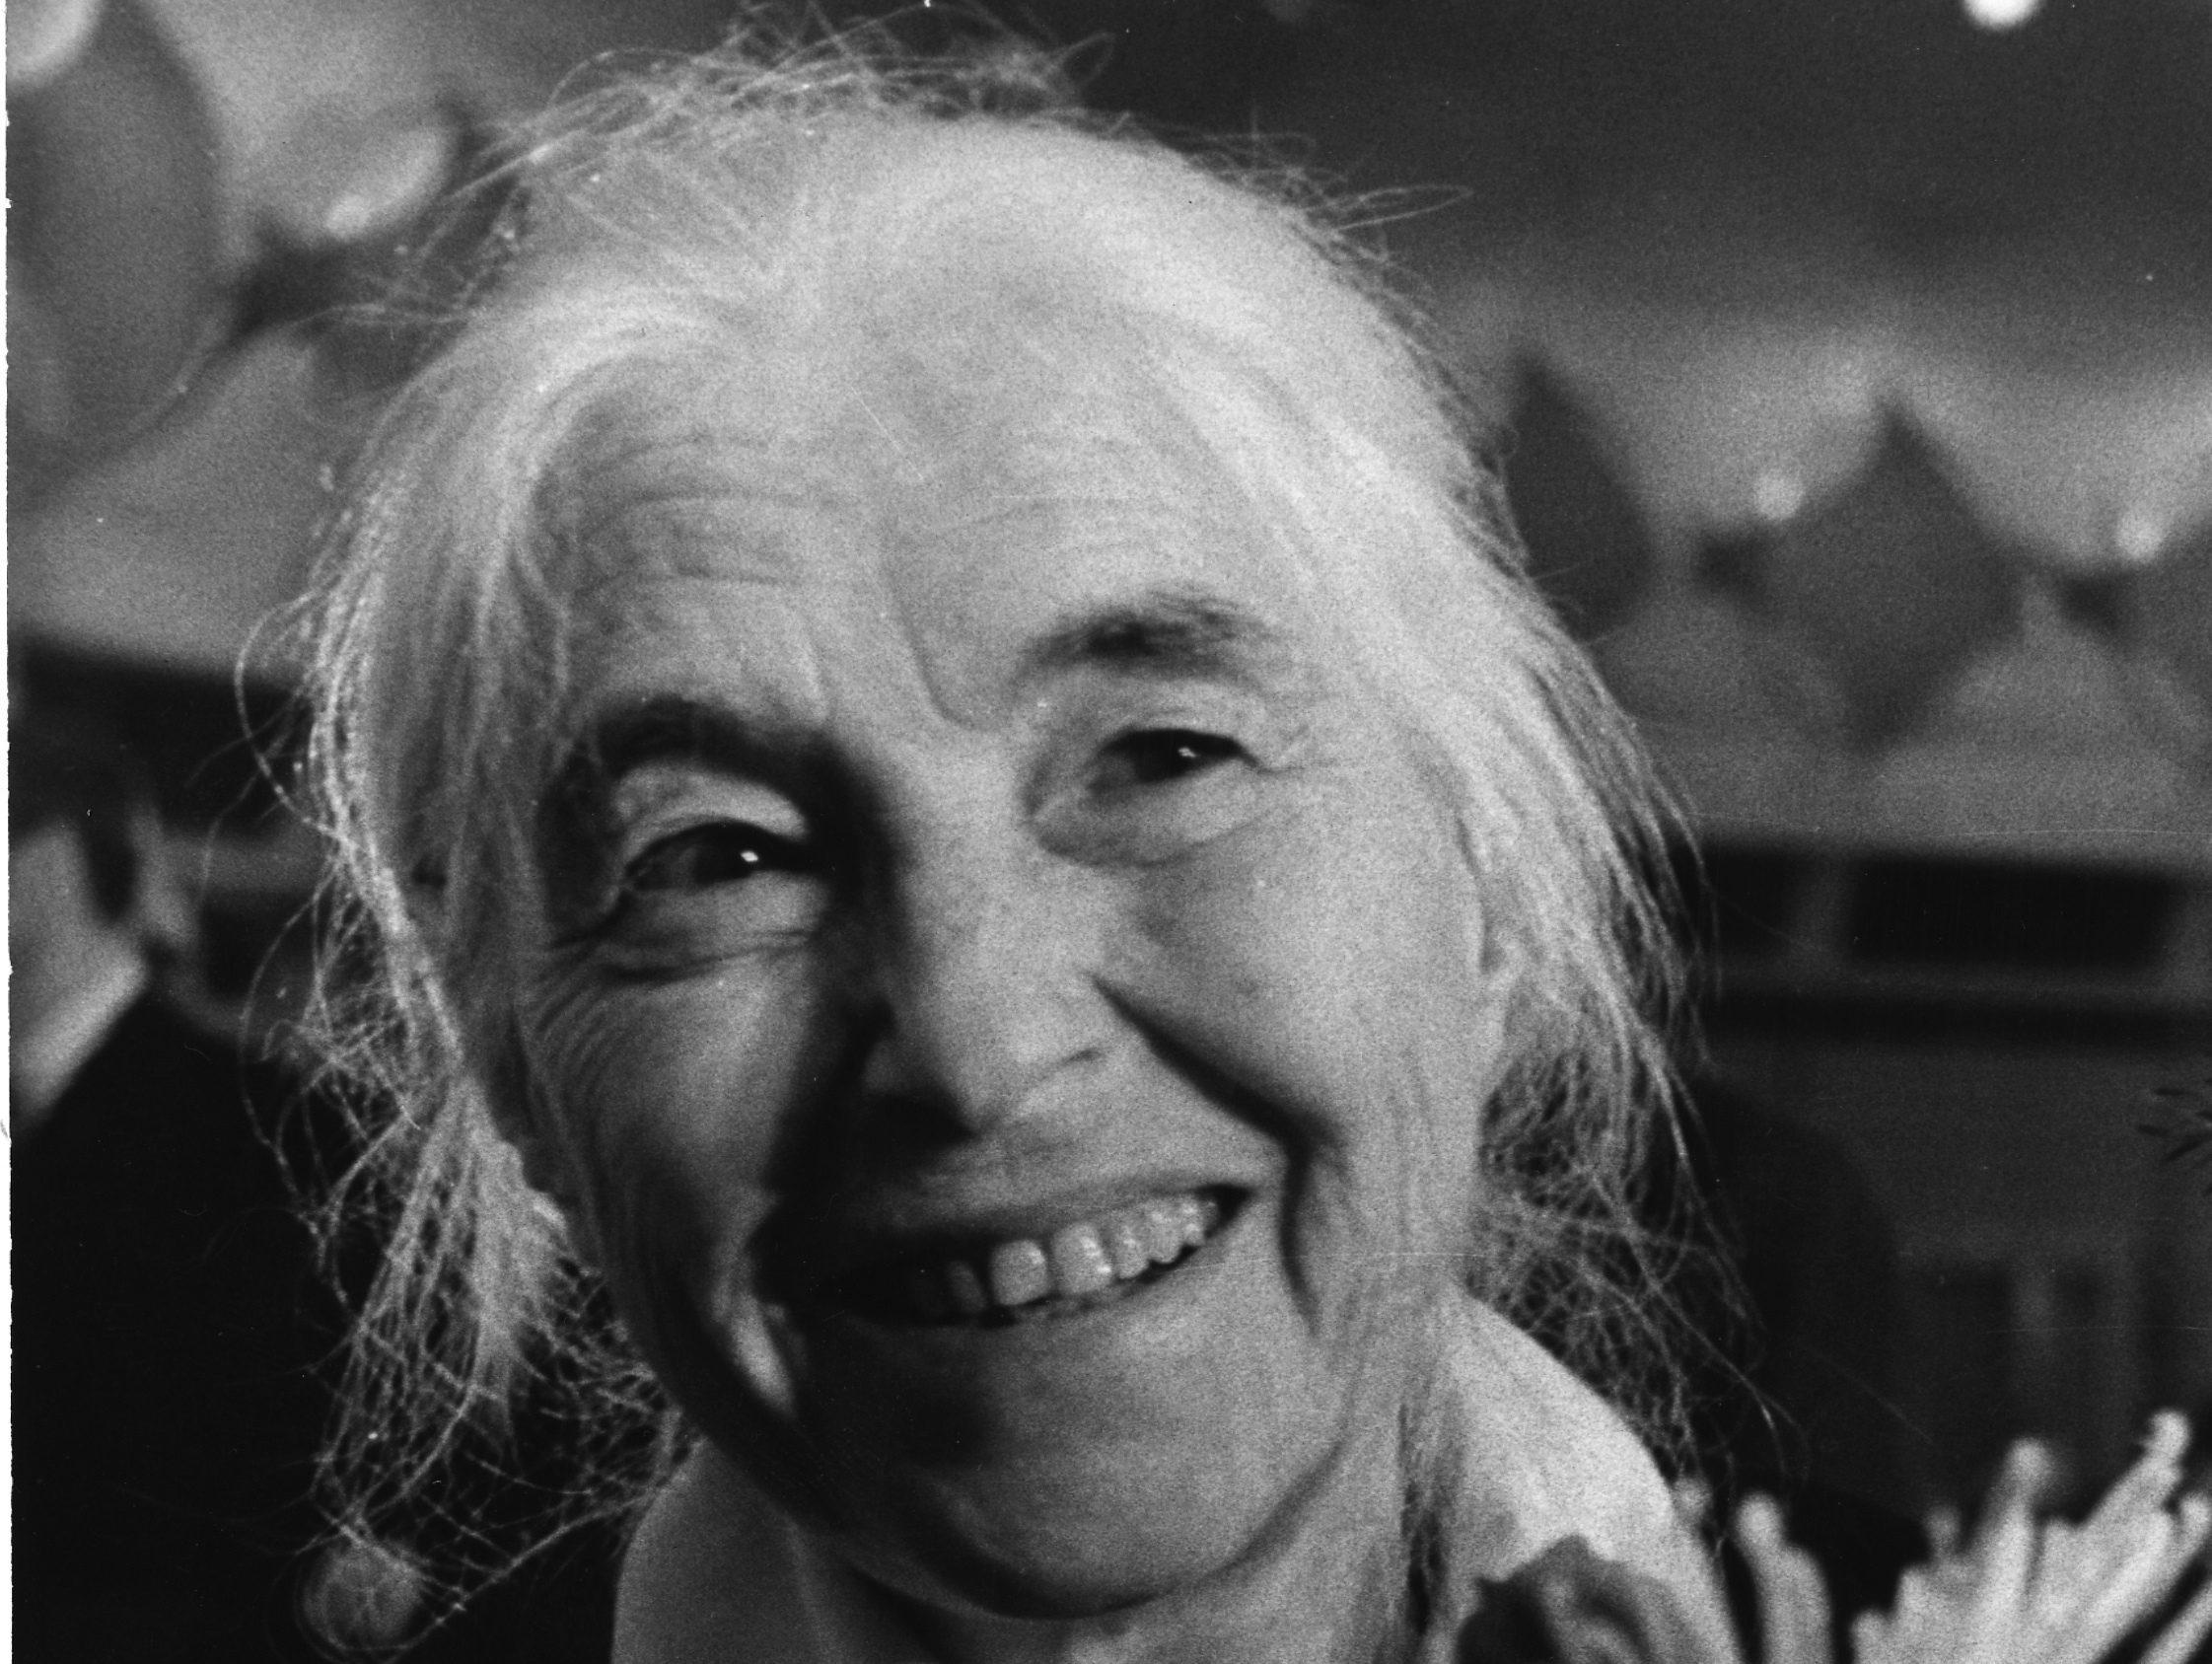 Die deutsche Schriftstellerin Anna Seghers an ihrem 80. Geburtstag am 19. November 1980.